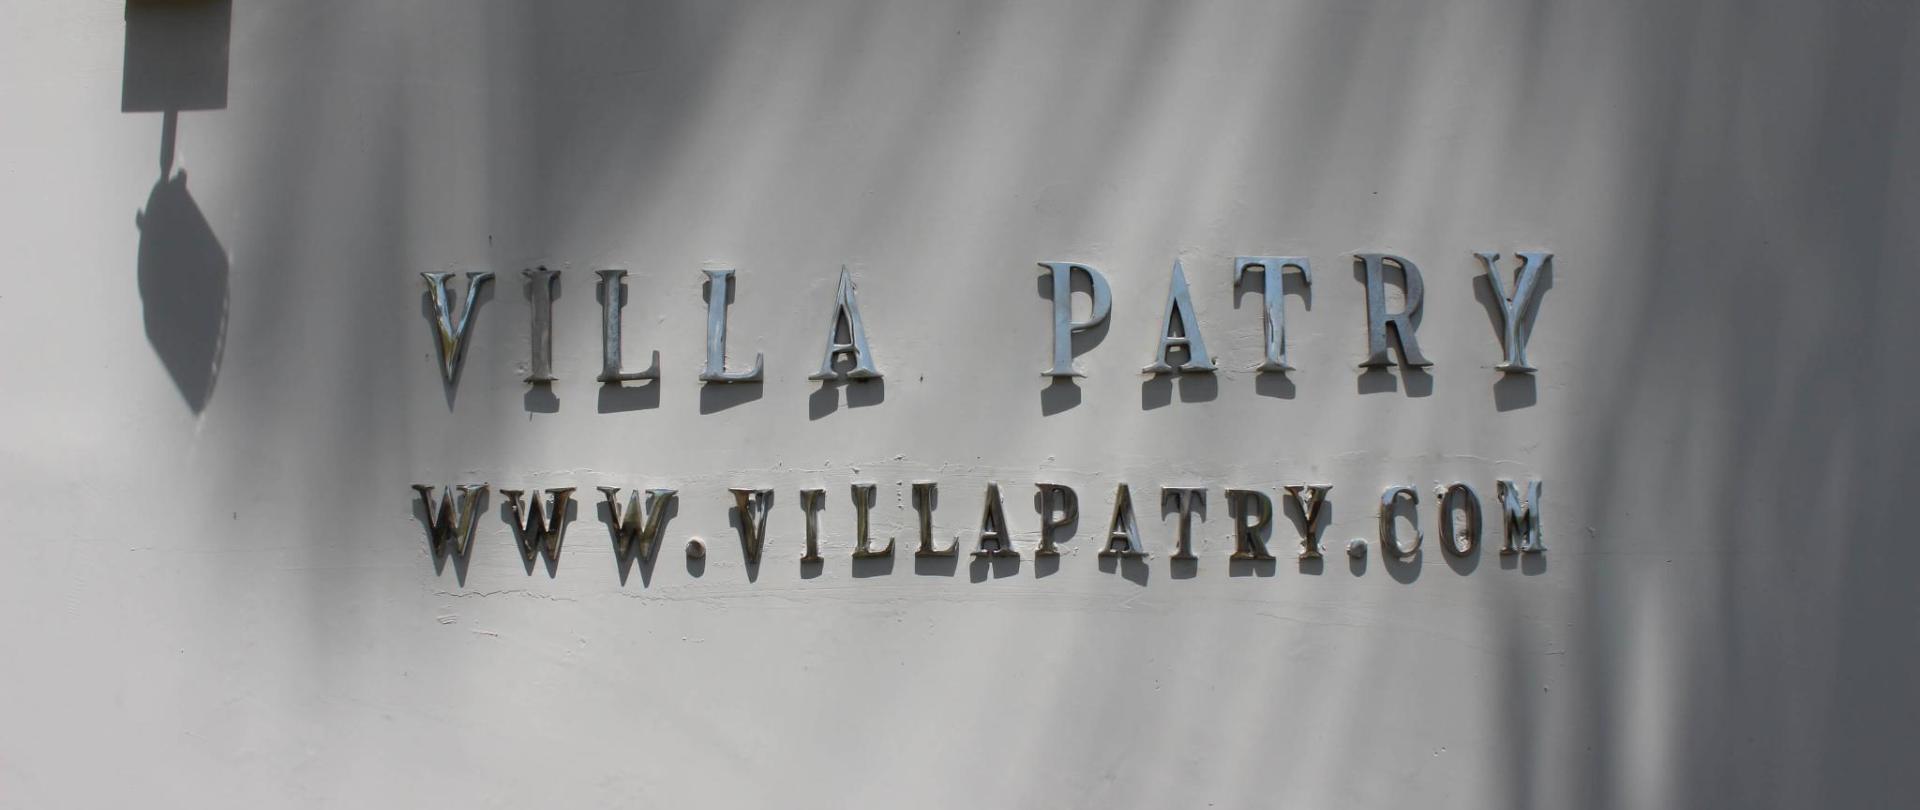 Villa Patry Coveñas